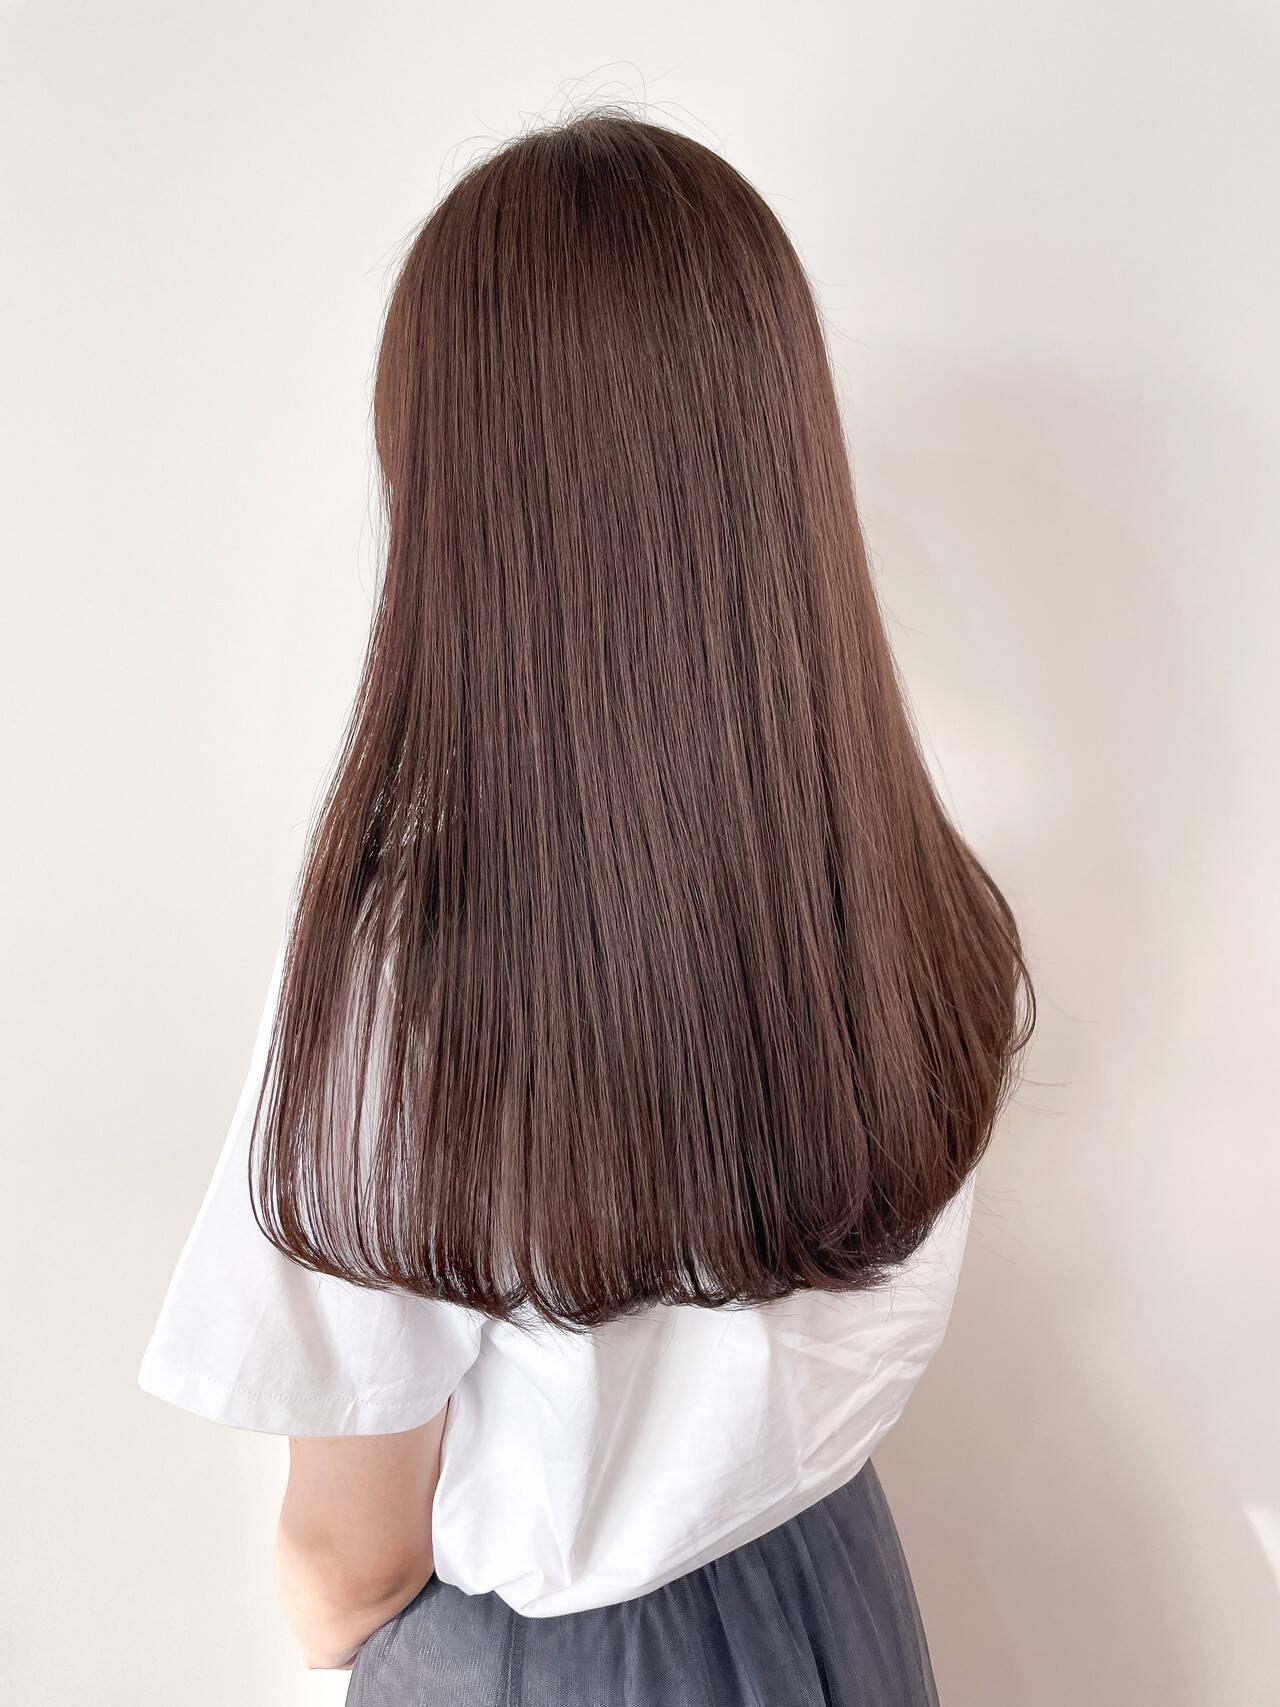 ブラウン ナチュラル ラベンダーグレージュ 秋ブラウンヘアスタイルや髪型の写真・画像